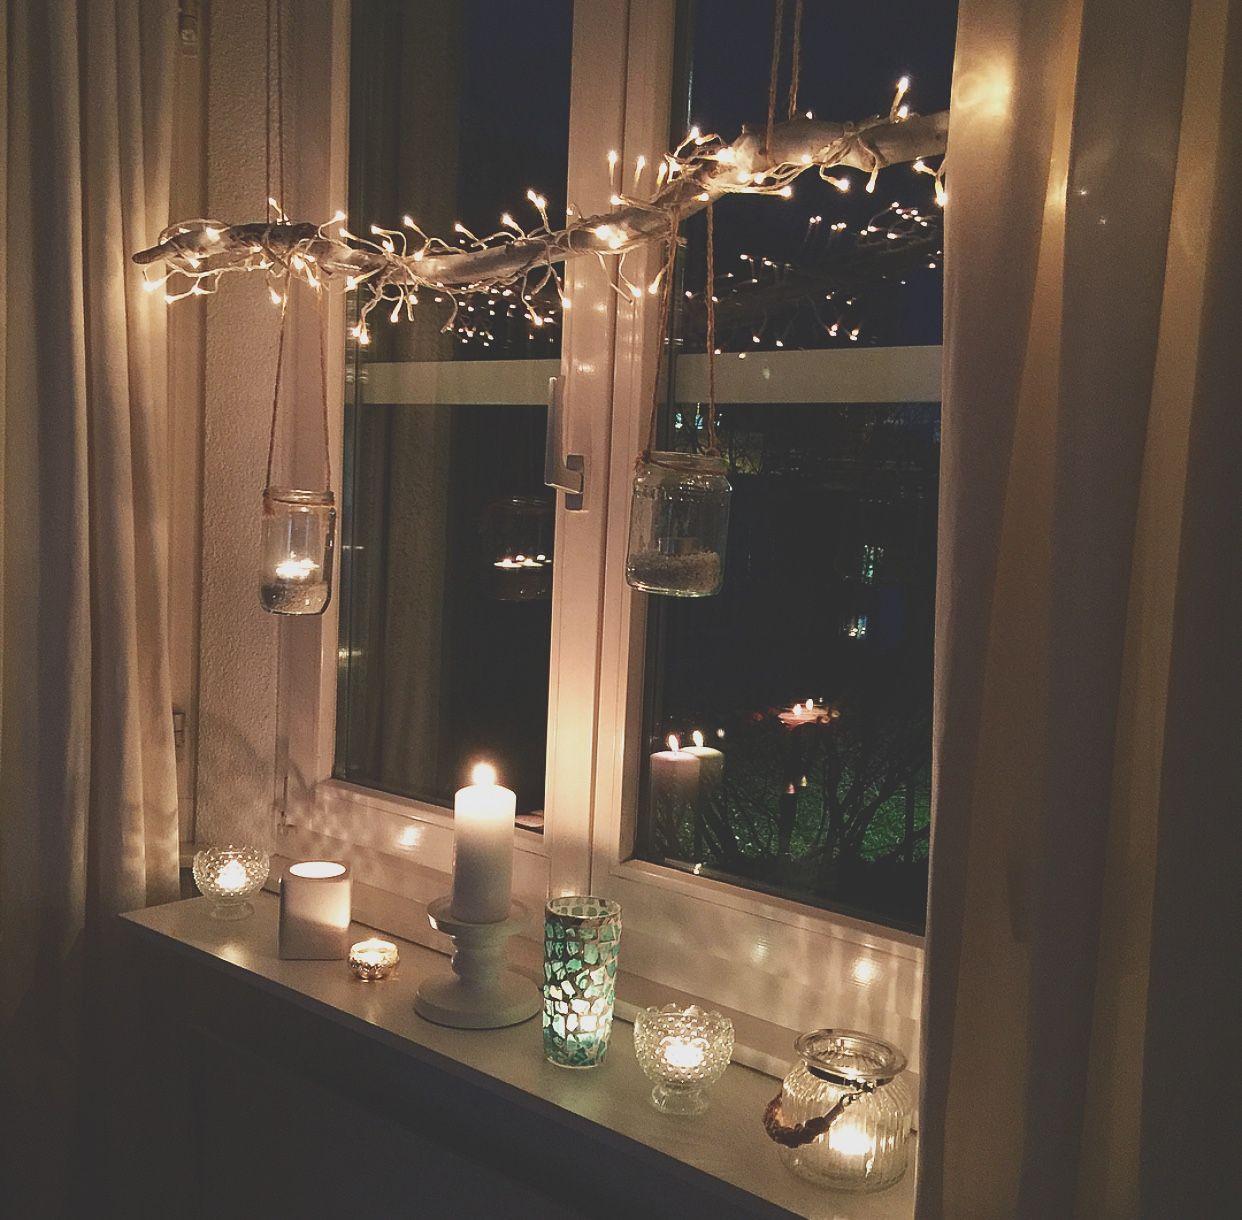 weihnachten  fensterdeko  candles  homesweethome  light  winterwunderland  christmas